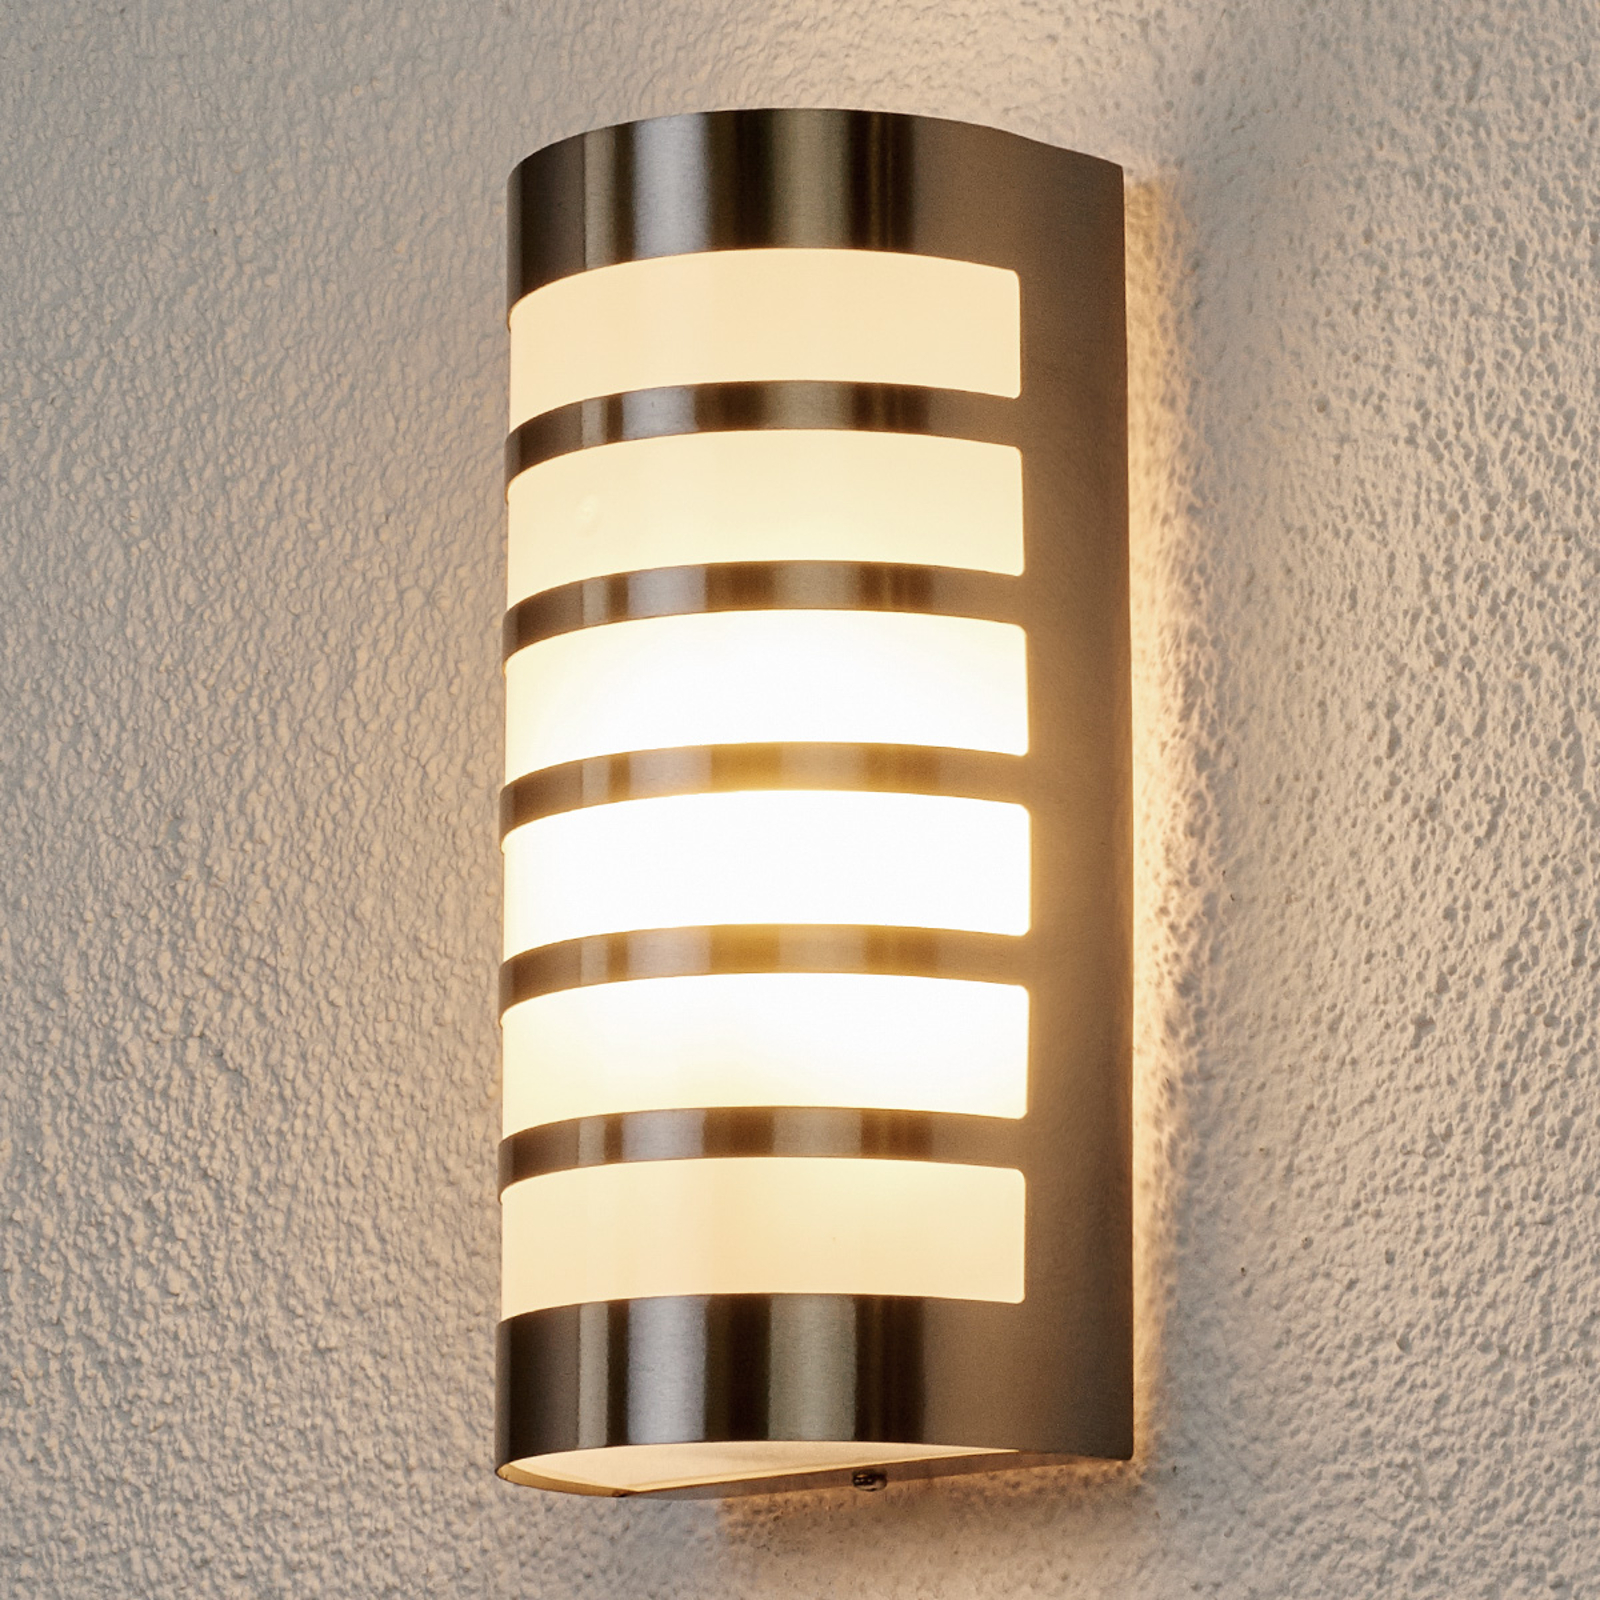 Lindby 9972007 Venkovní nástěnná svítidla